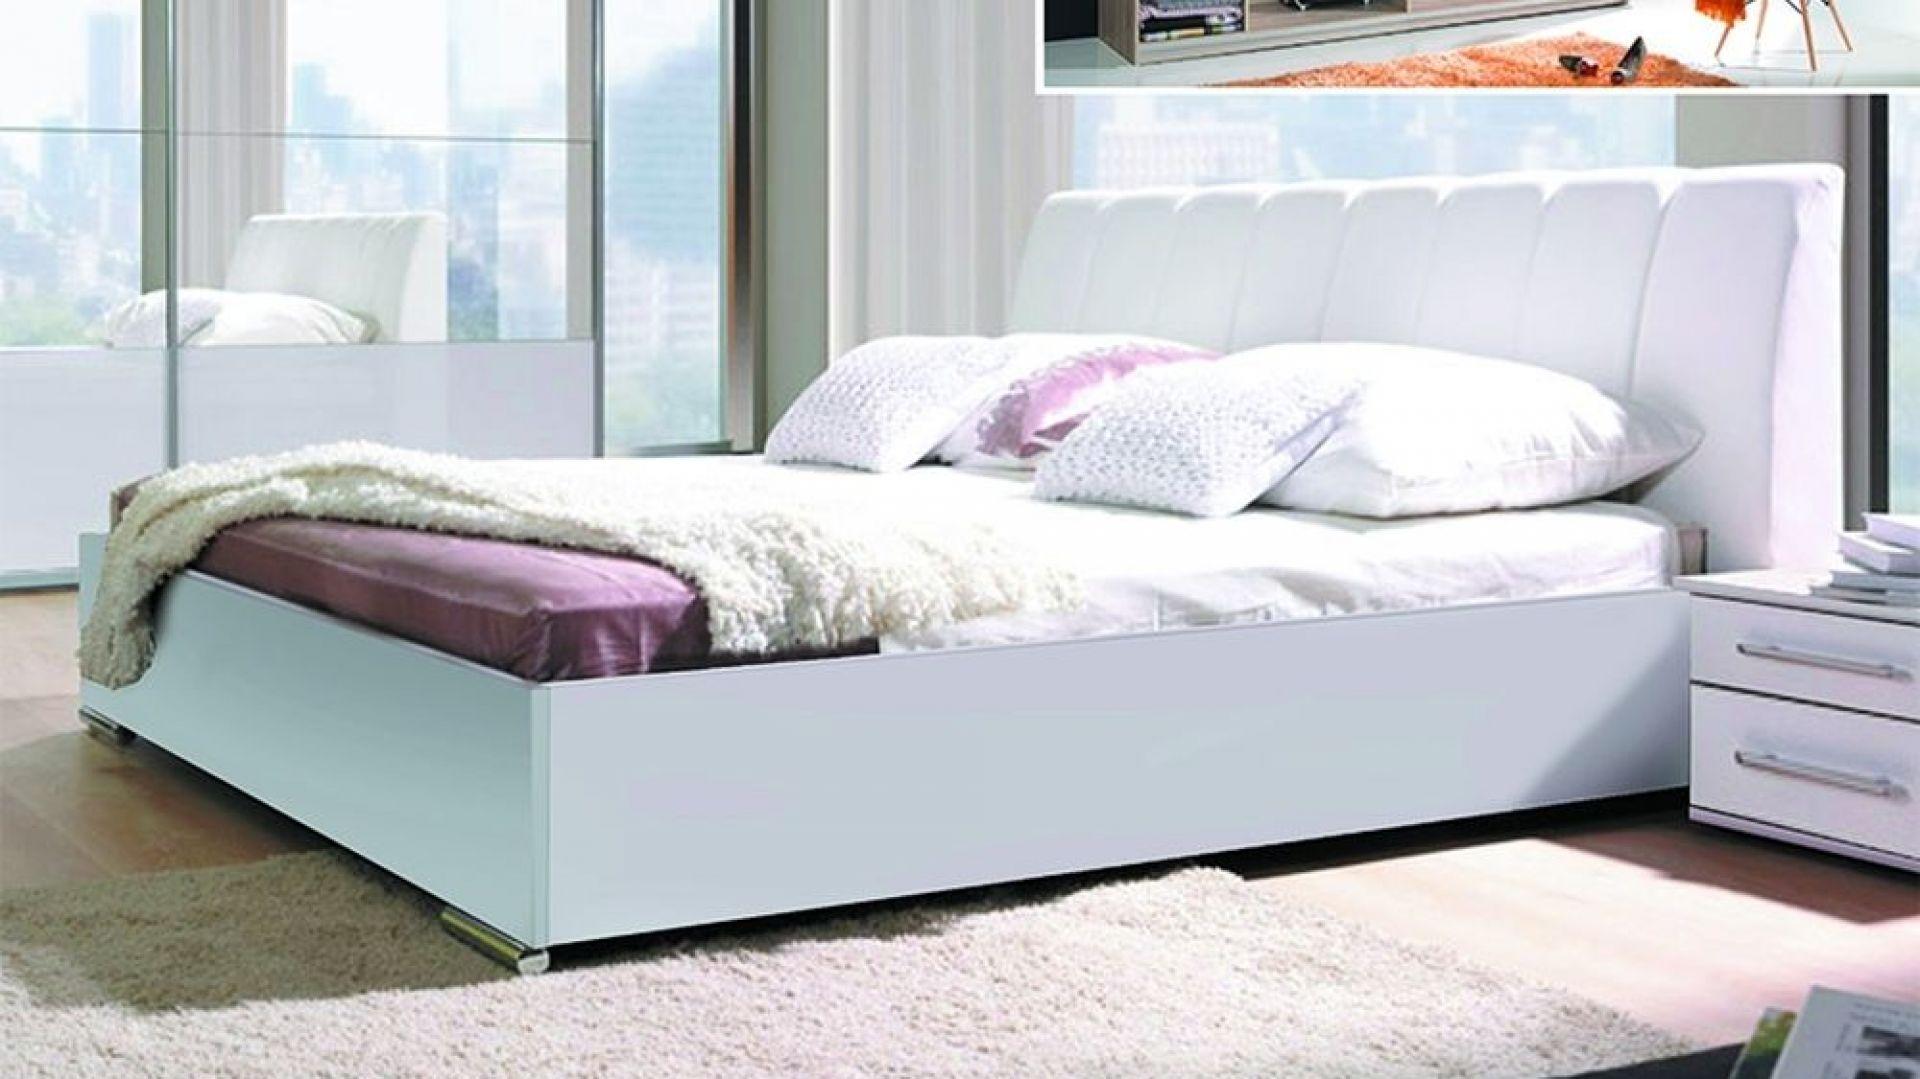 Łóżko tapicerowane Verona w kolorze białym. Dostępne jest w różnych tkaninach. Cena: około 650 zł. Fot. Meblosiek